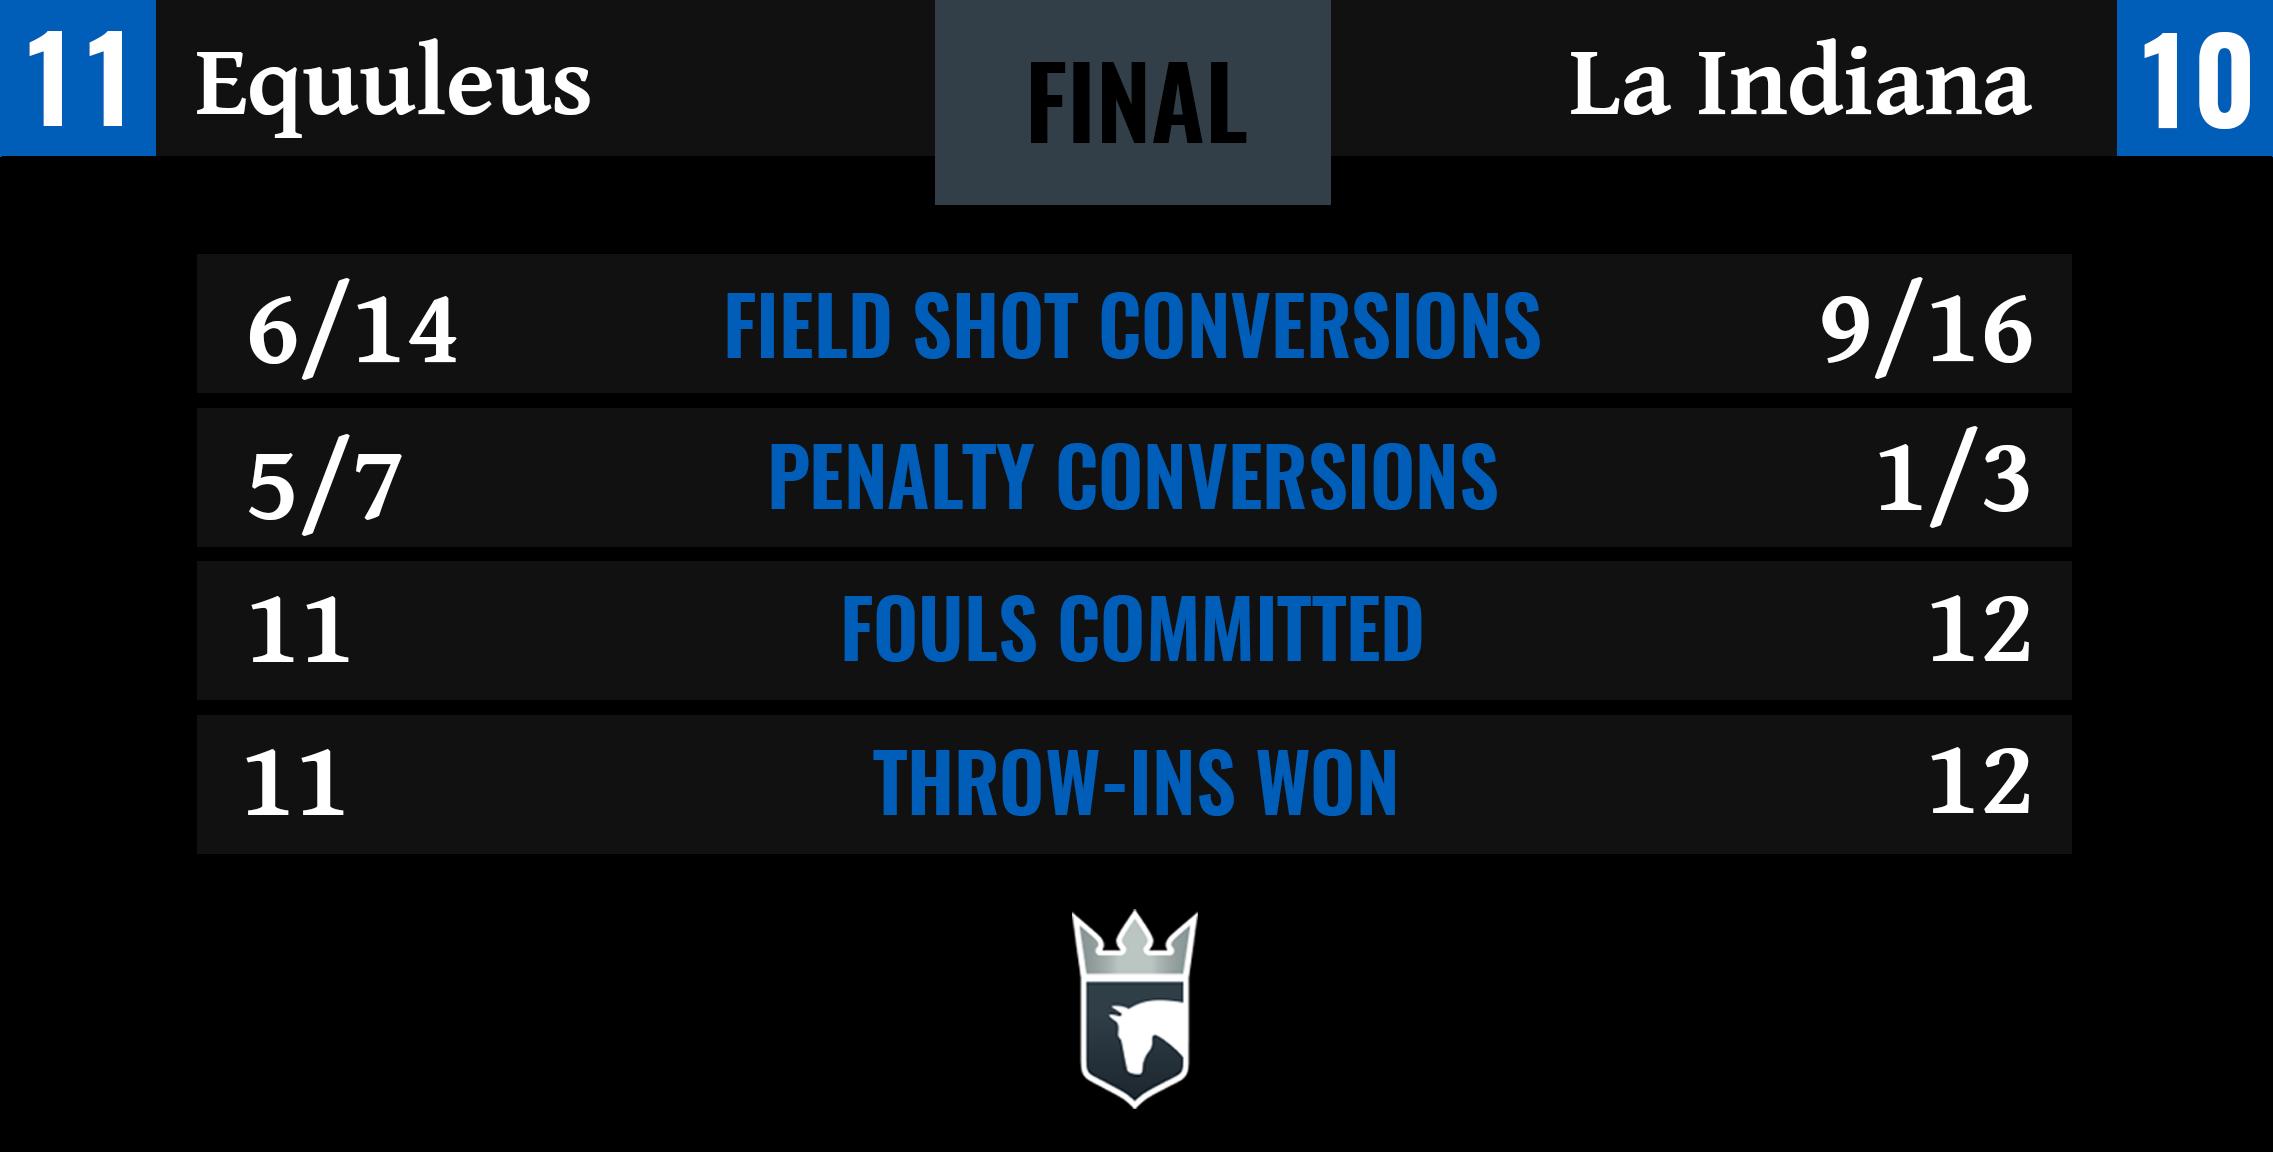 Equuleus vs La Indiana Final Stats